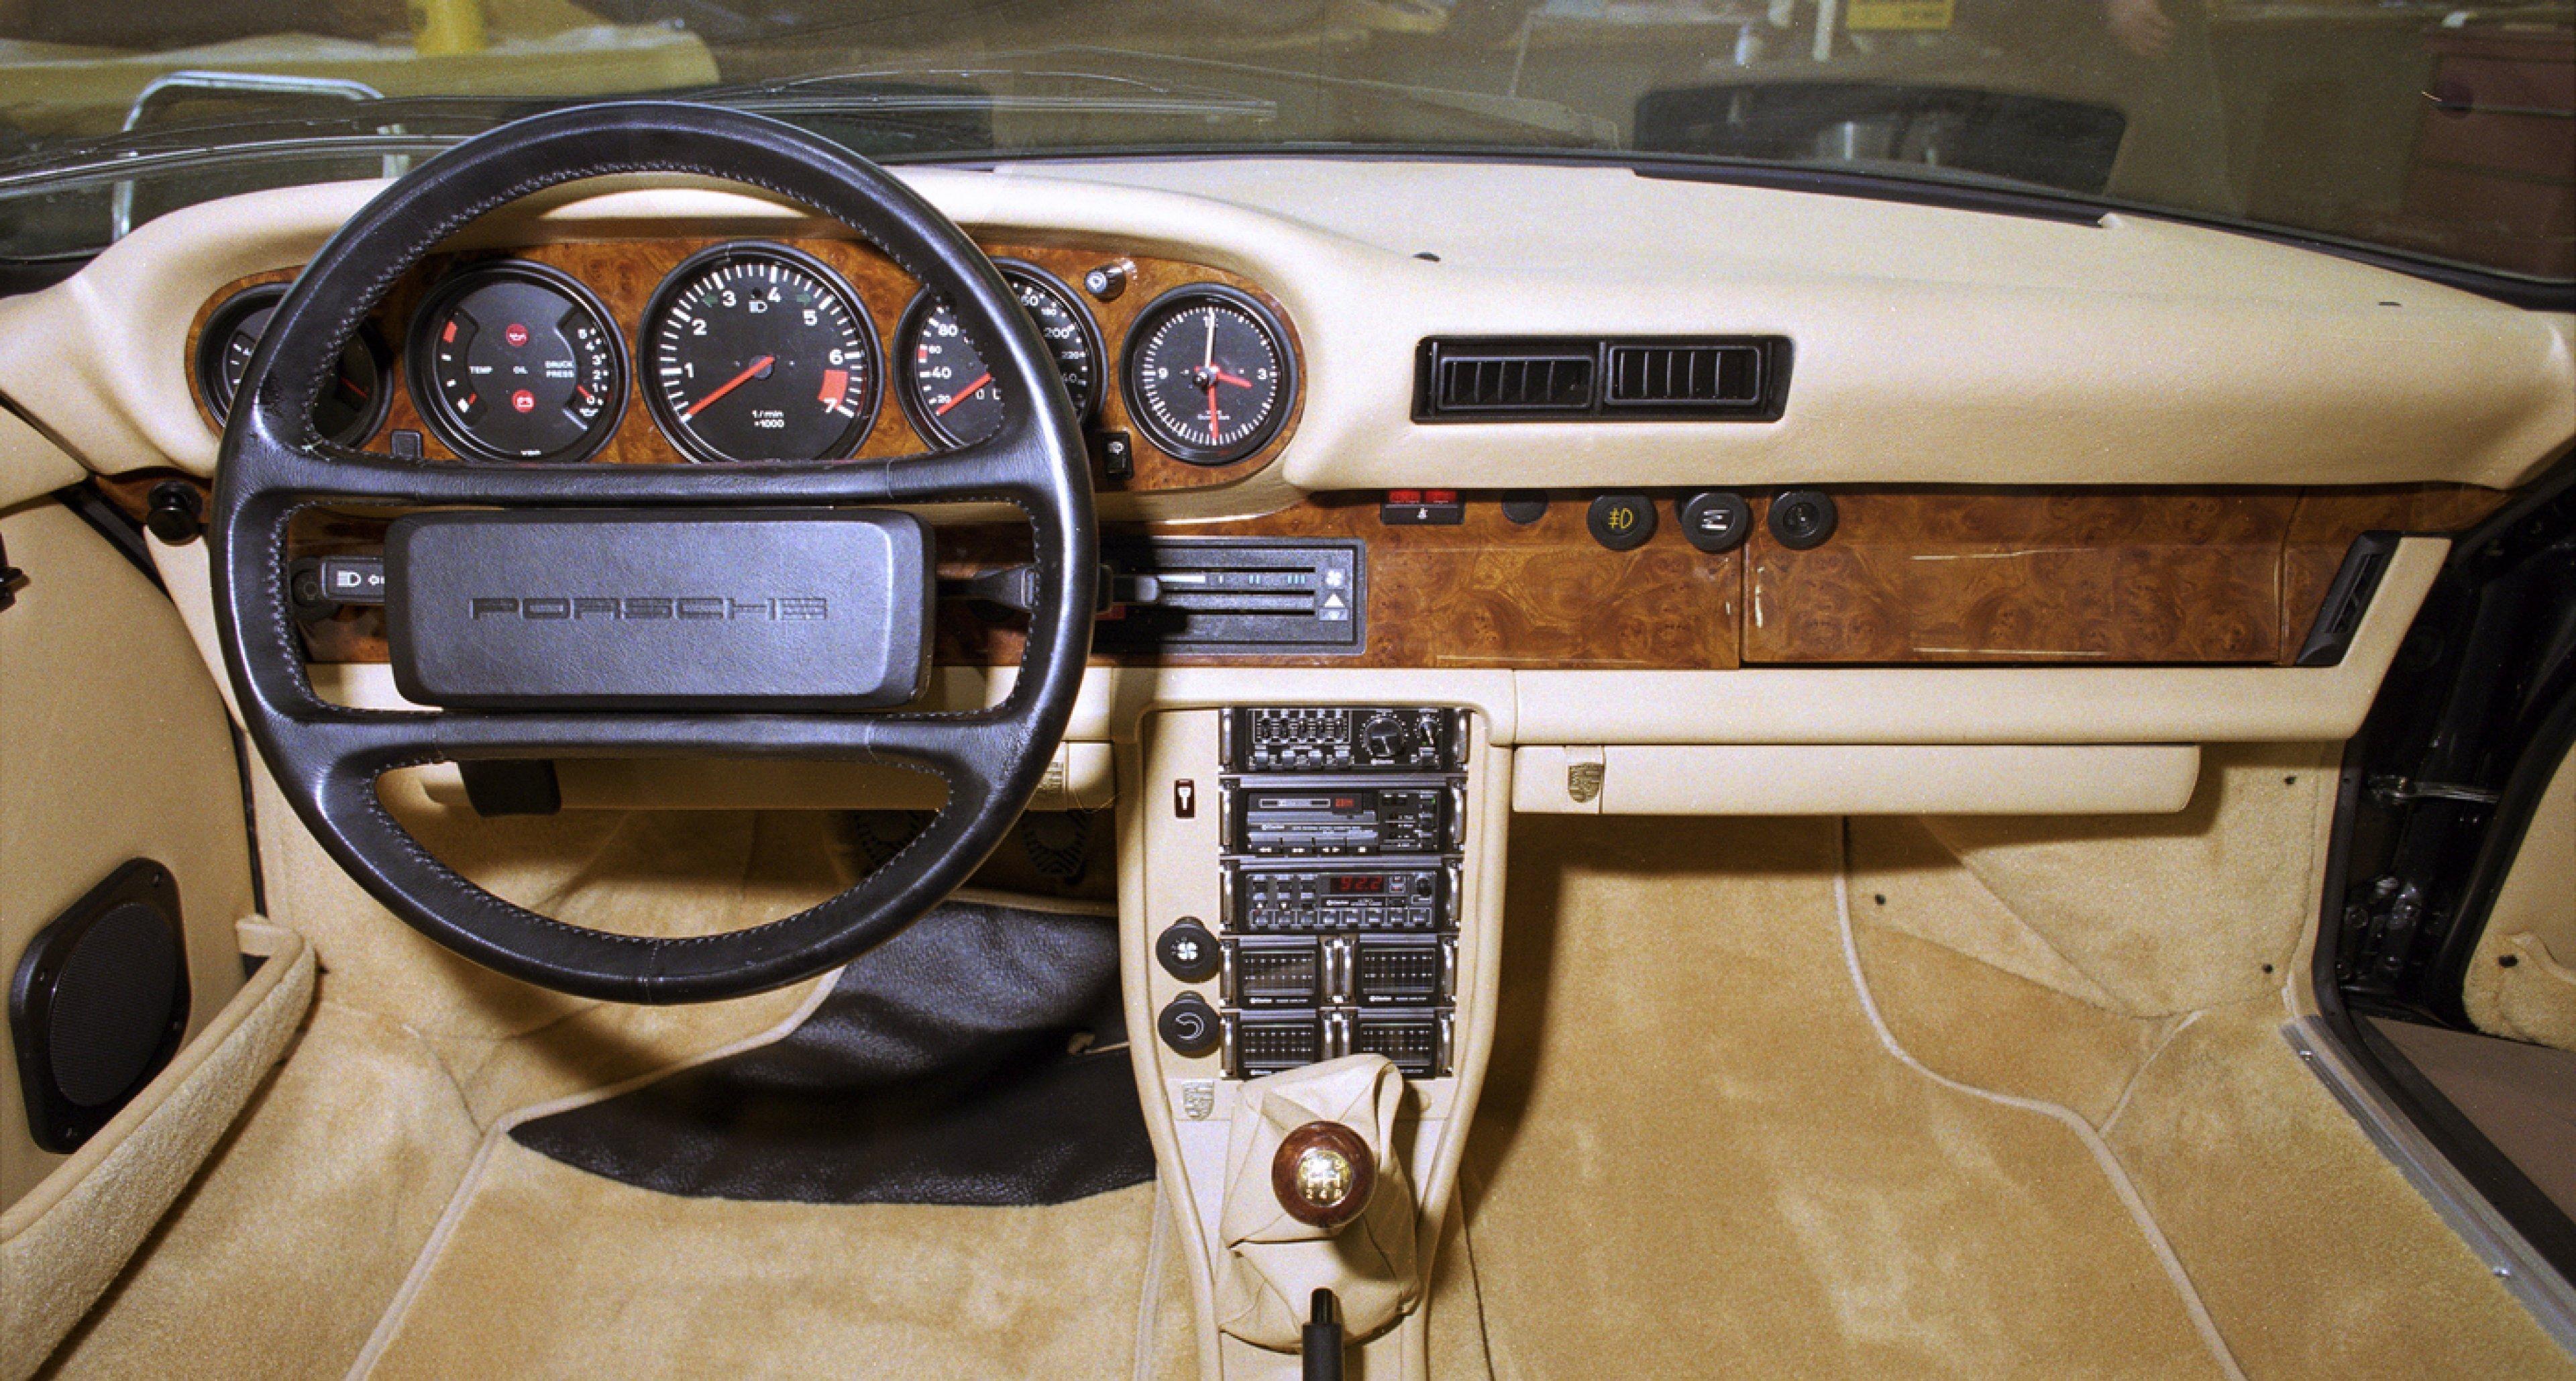 A 1985 Porsche 911.